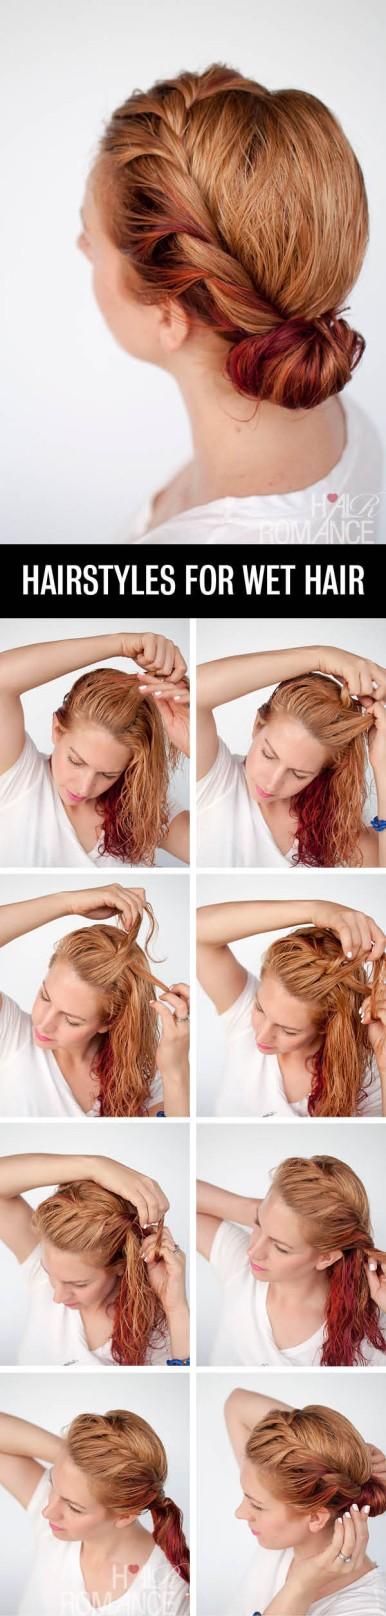 Hair-Romance-Hairstyle-tutorials-for-wet-hair-the-side-twist-bun.jpg